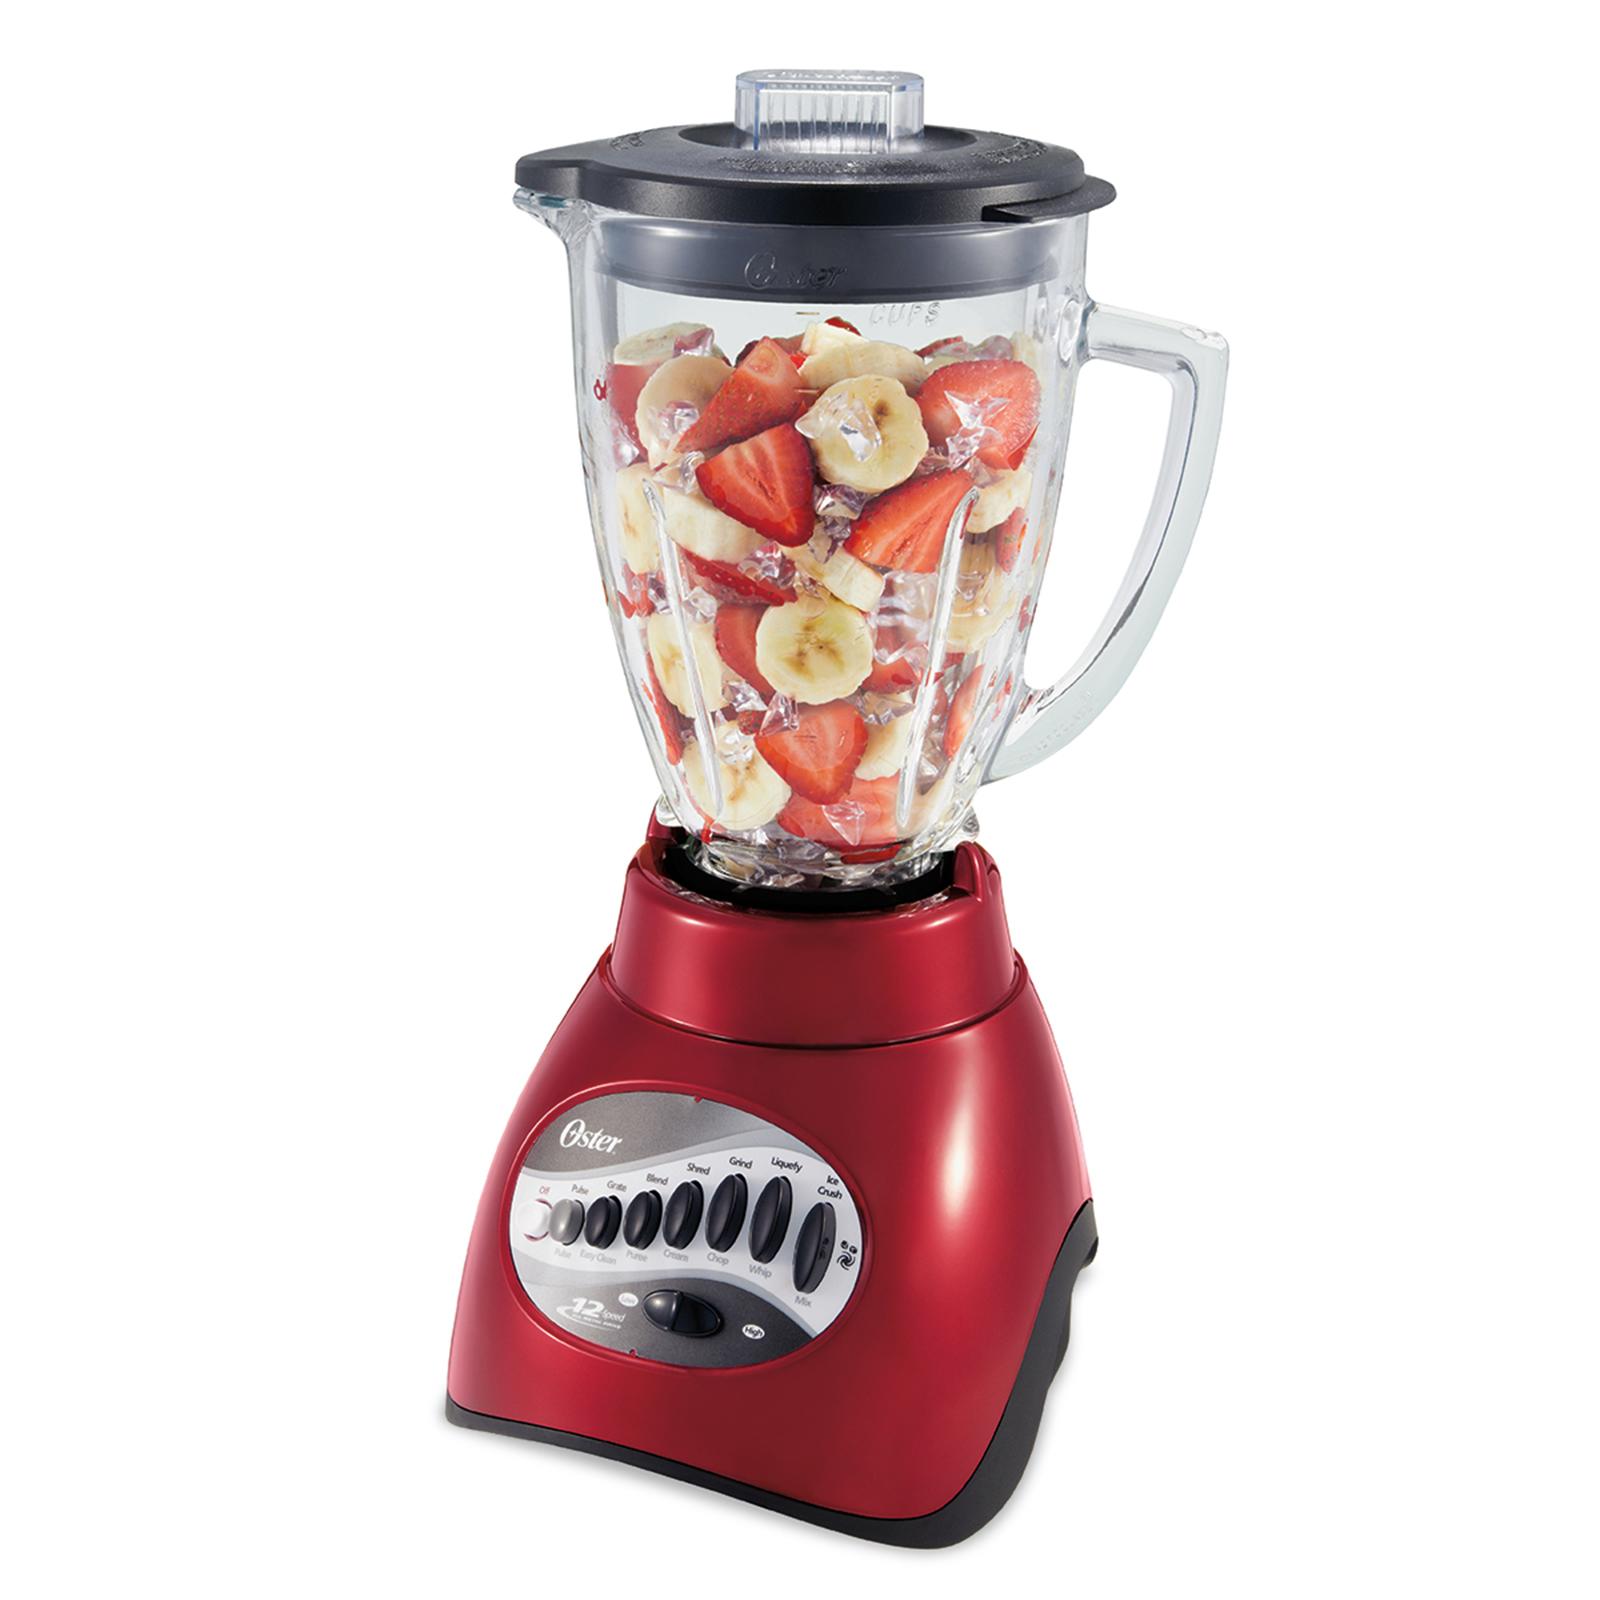 Oster 006844 000 Np1 6 Cup Boroclass 174 Glass Jar Blender